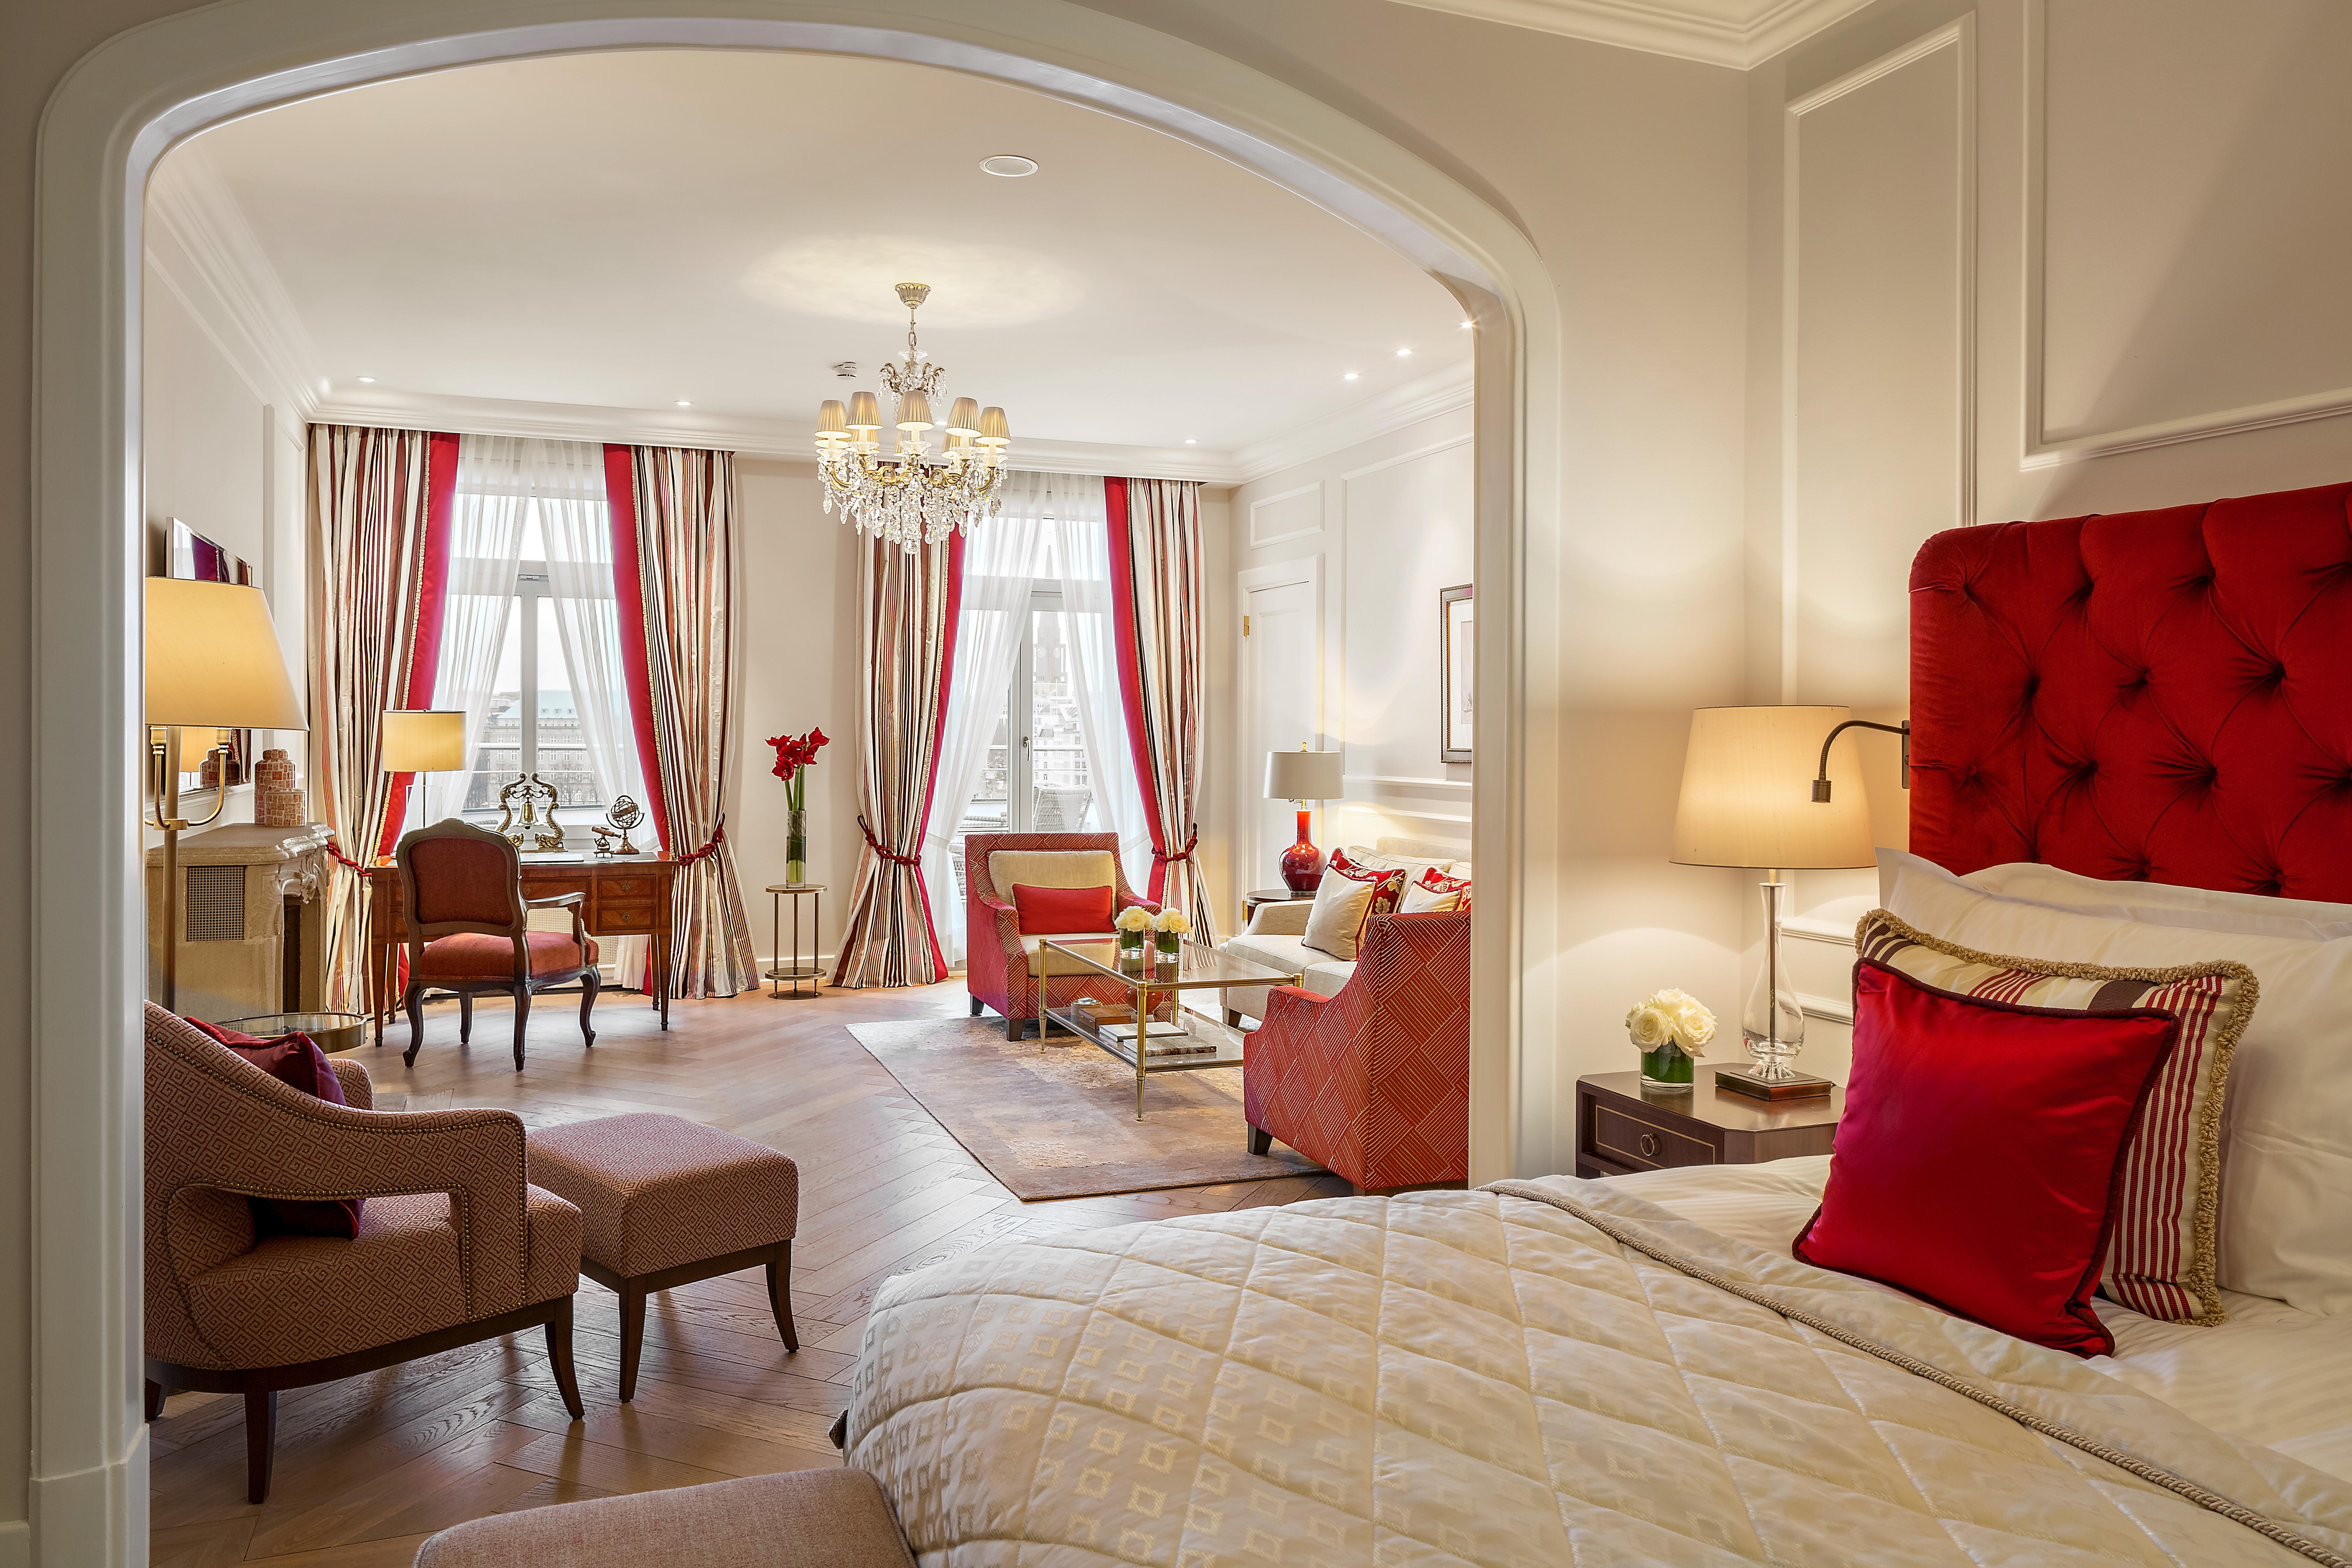 Pressebereich Fairmont Hotel Vier Jahreszeiten 5 Sterne